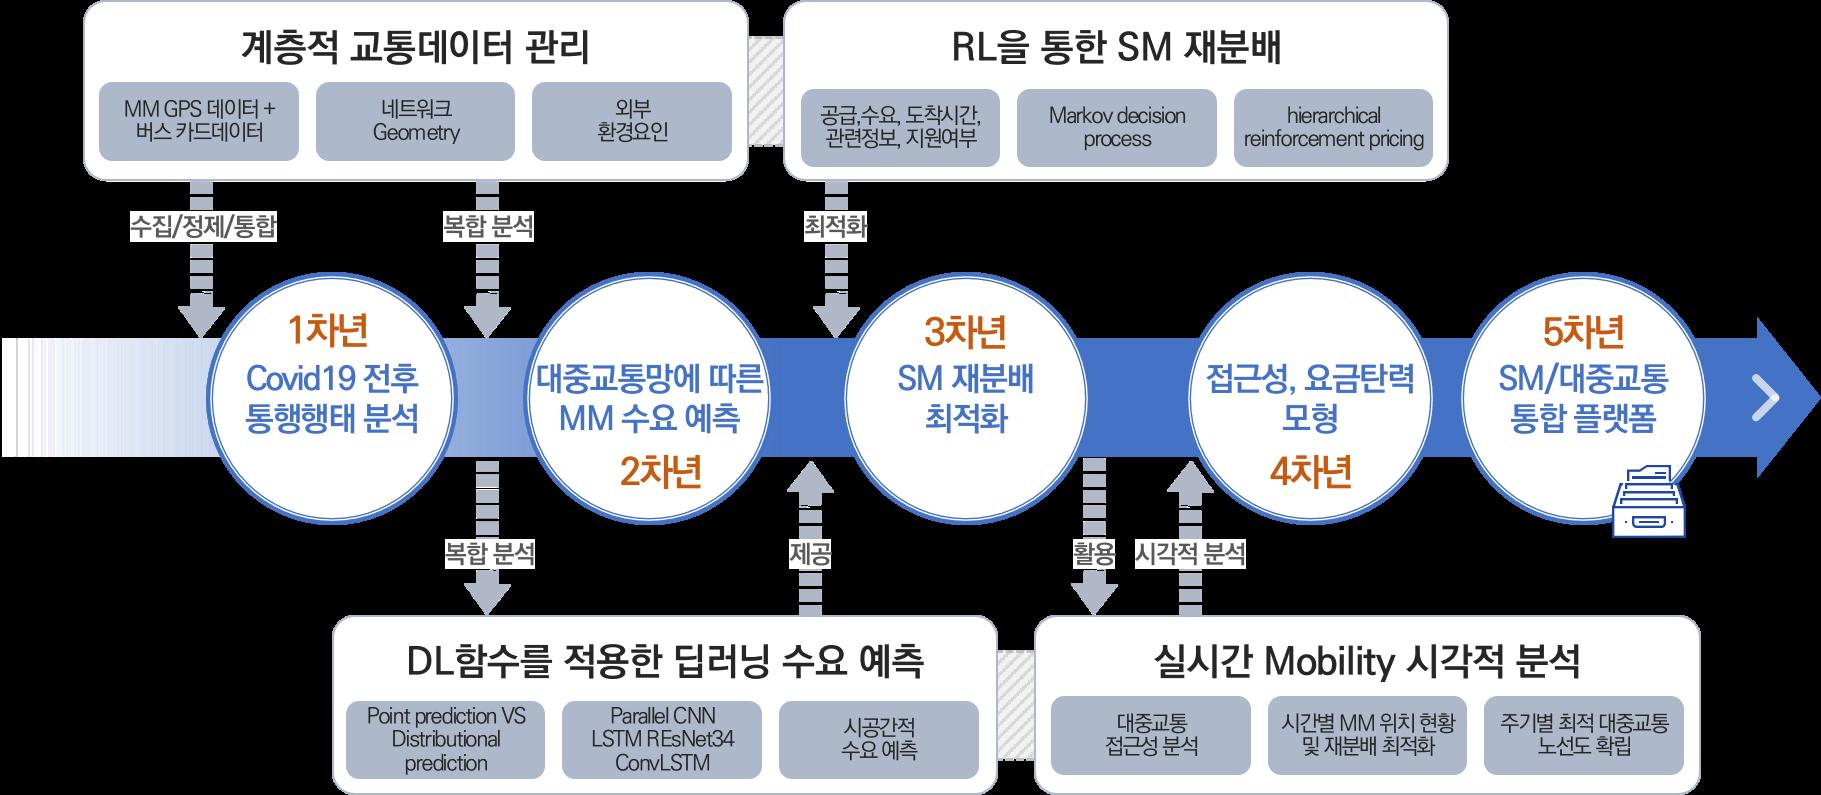 김인희교수 2021 기초연구사업 신진연구과제 선정